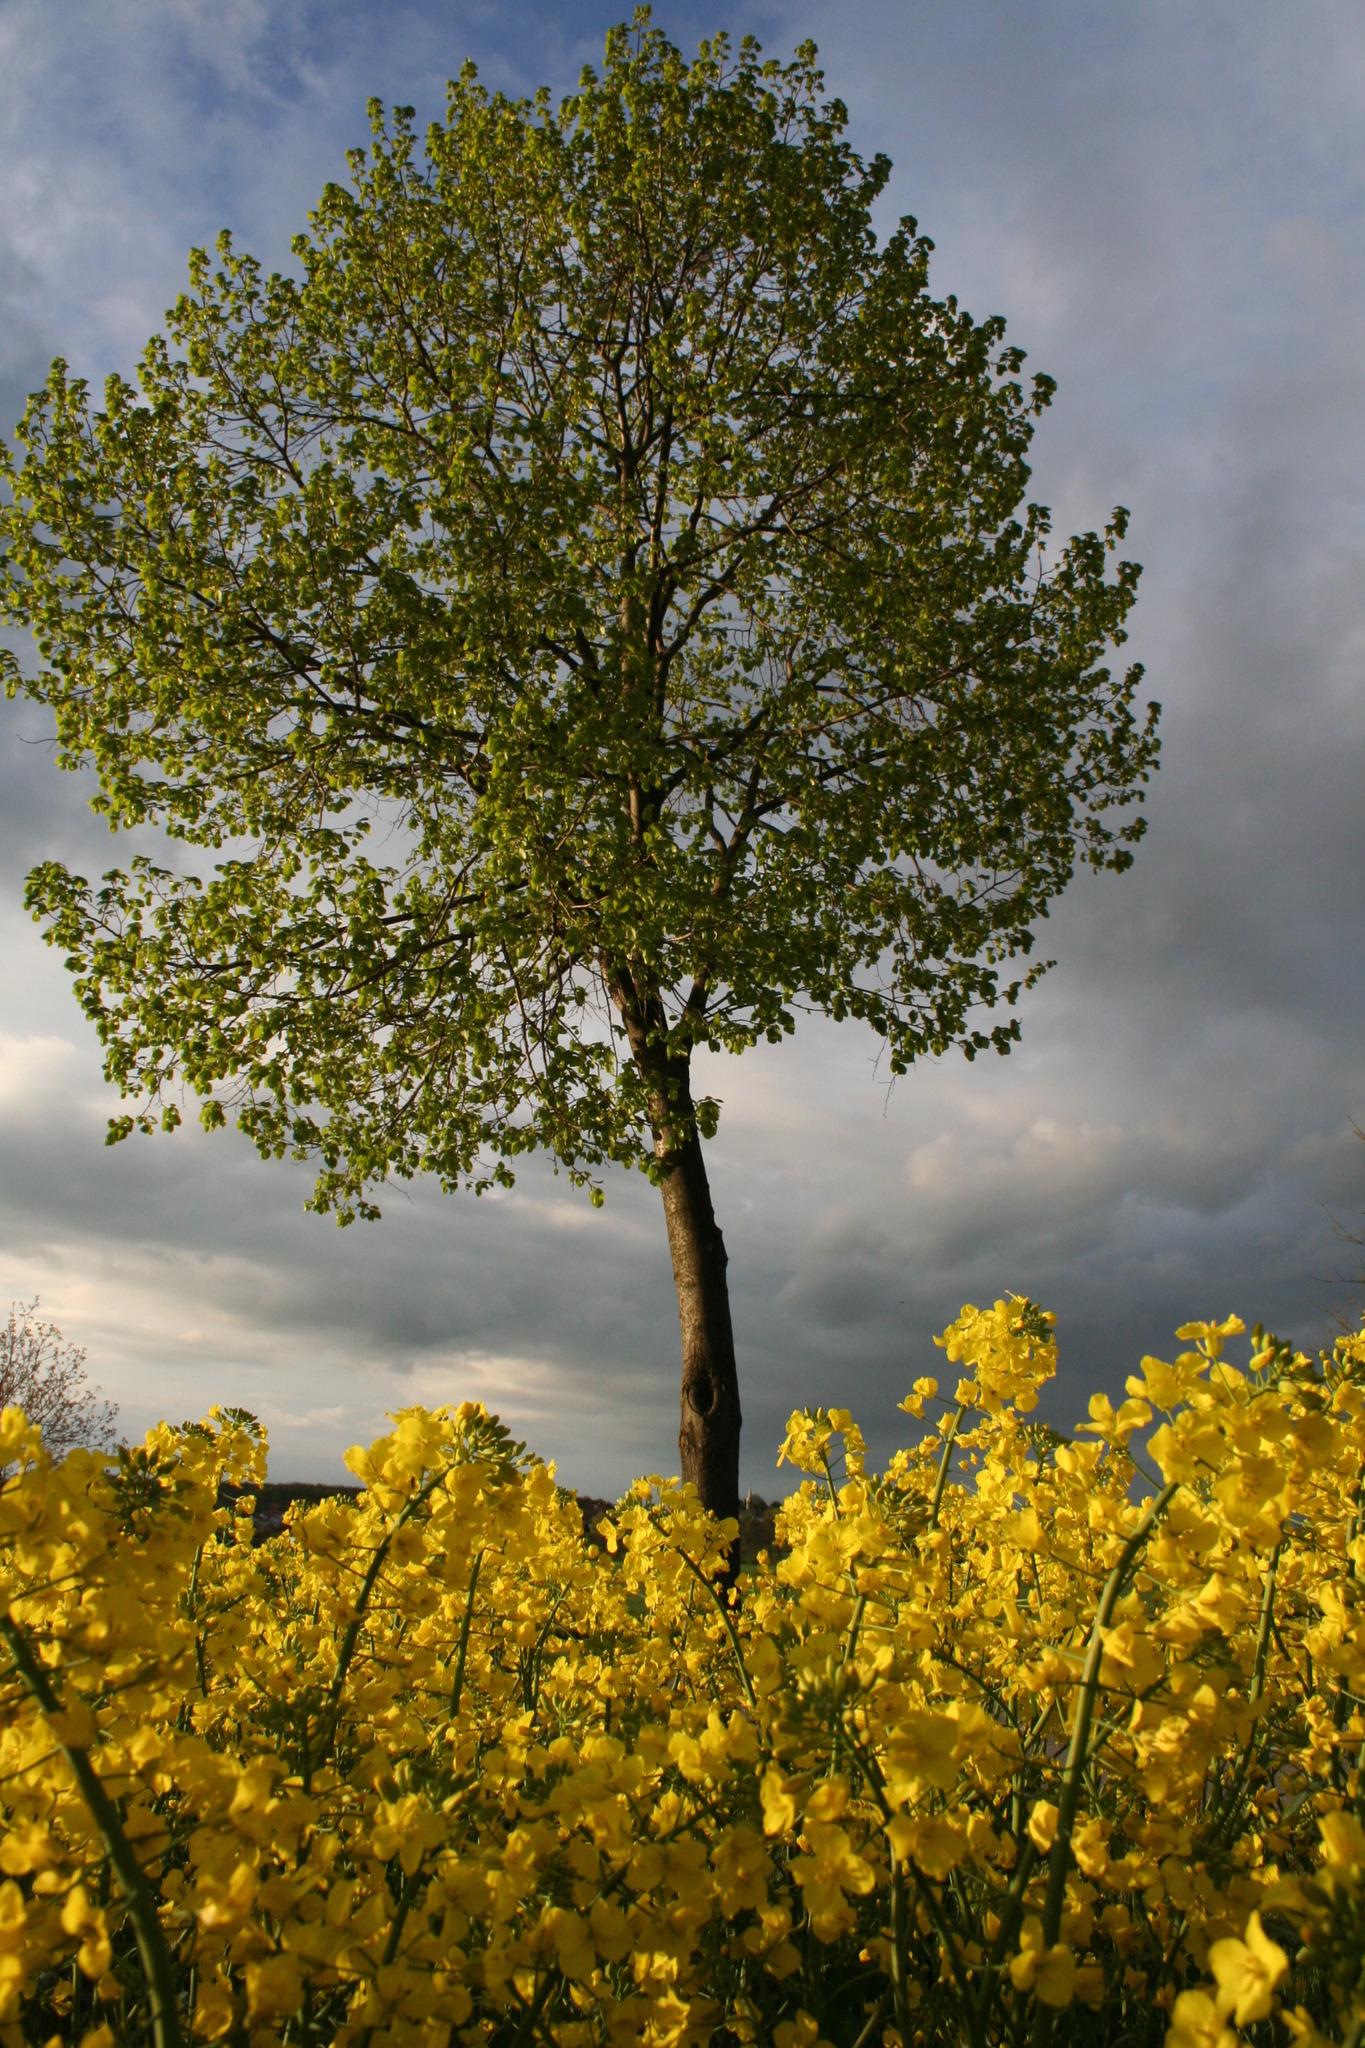 Burgenland-Flirt mit Sonne drin - Mattersburg - comunidadelectronica.com